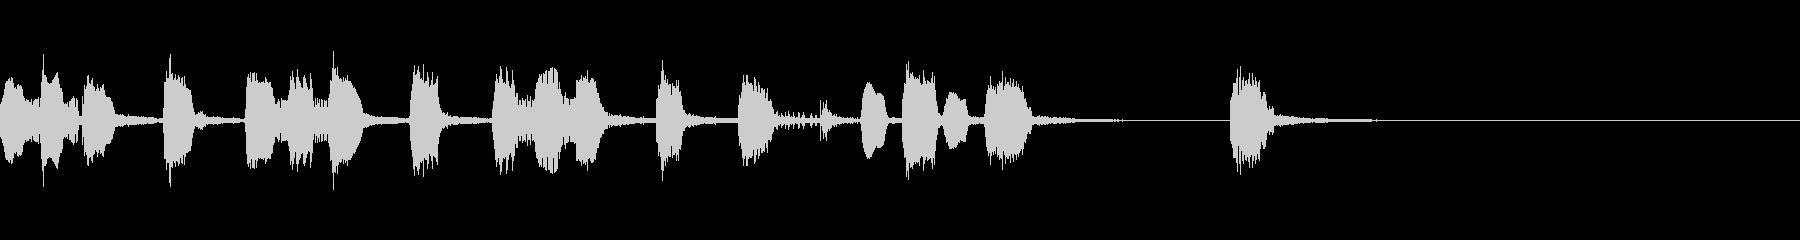 リコーダー・おもちゃ楽器コミカルジングルの未再生の波形